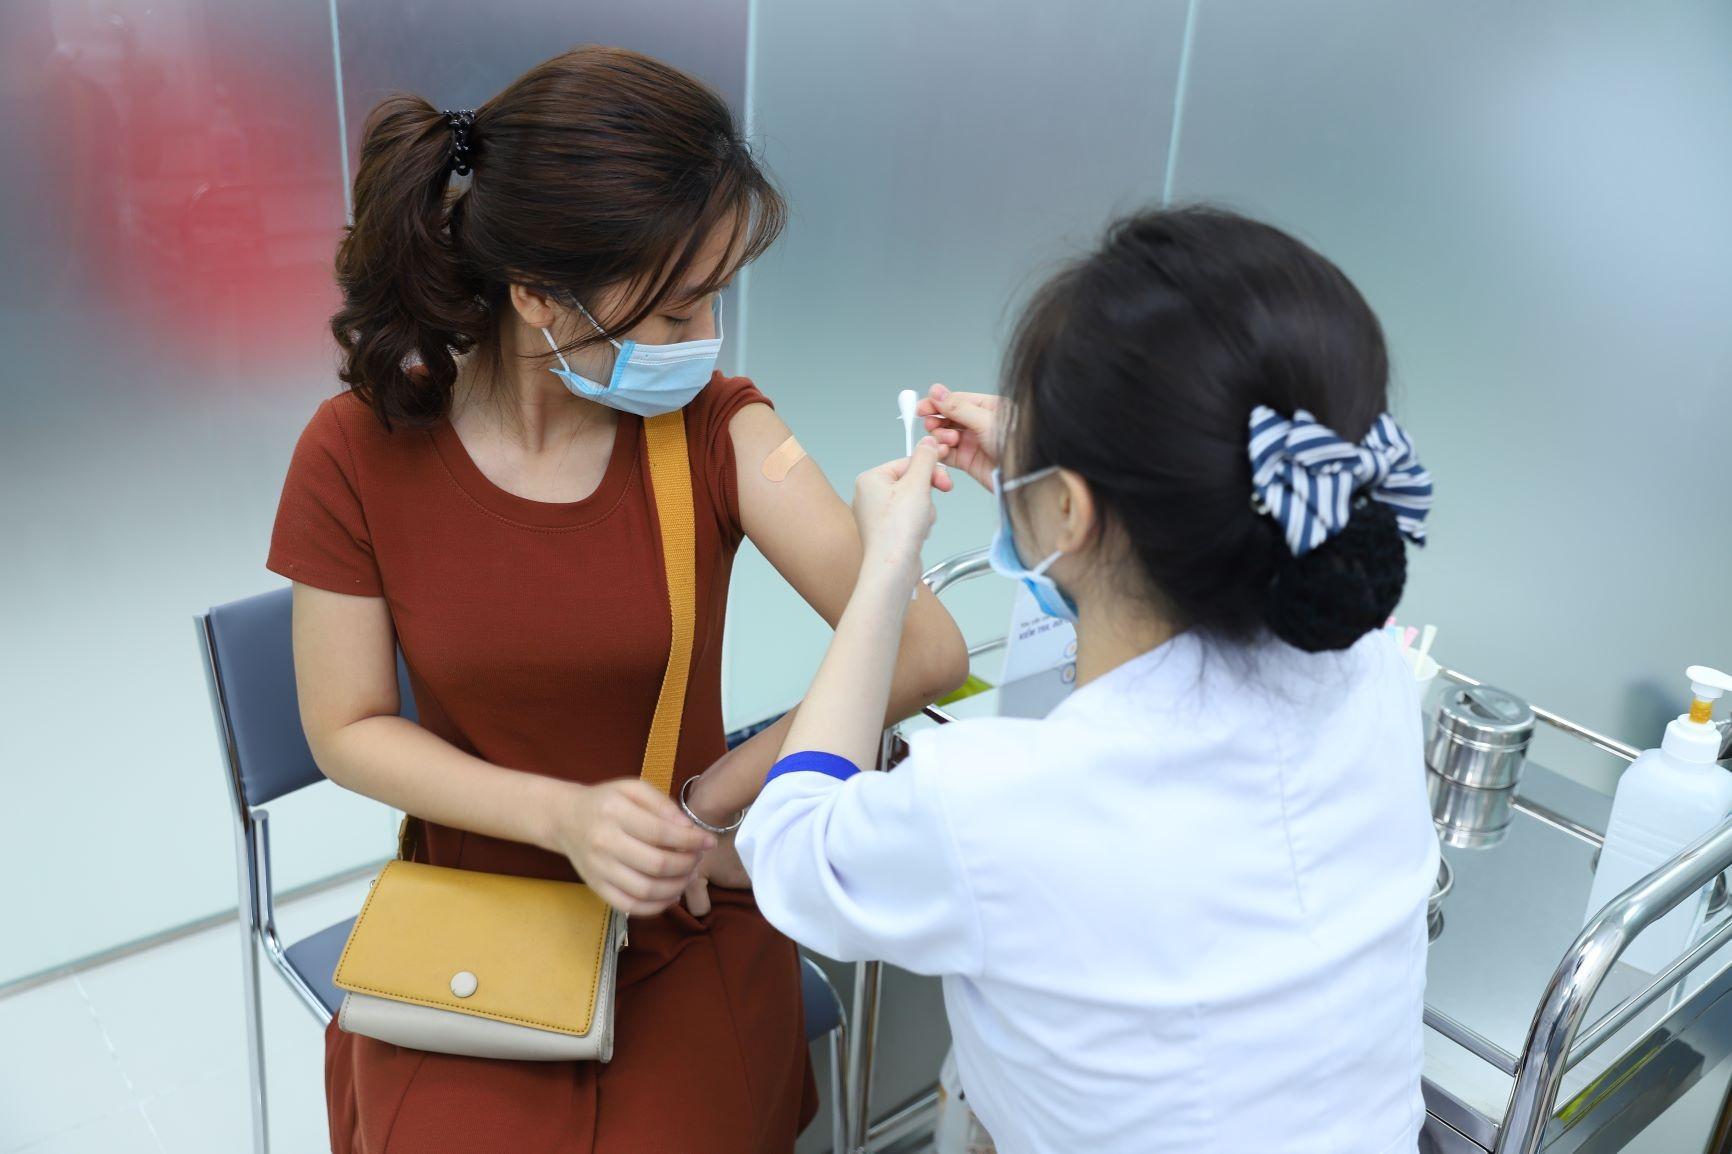 Phụ nữ nên tiêm vắc xin phòng ung thư cổ tử cung càng sớm, khả năng đáp ứng miễn dịch càng cao.